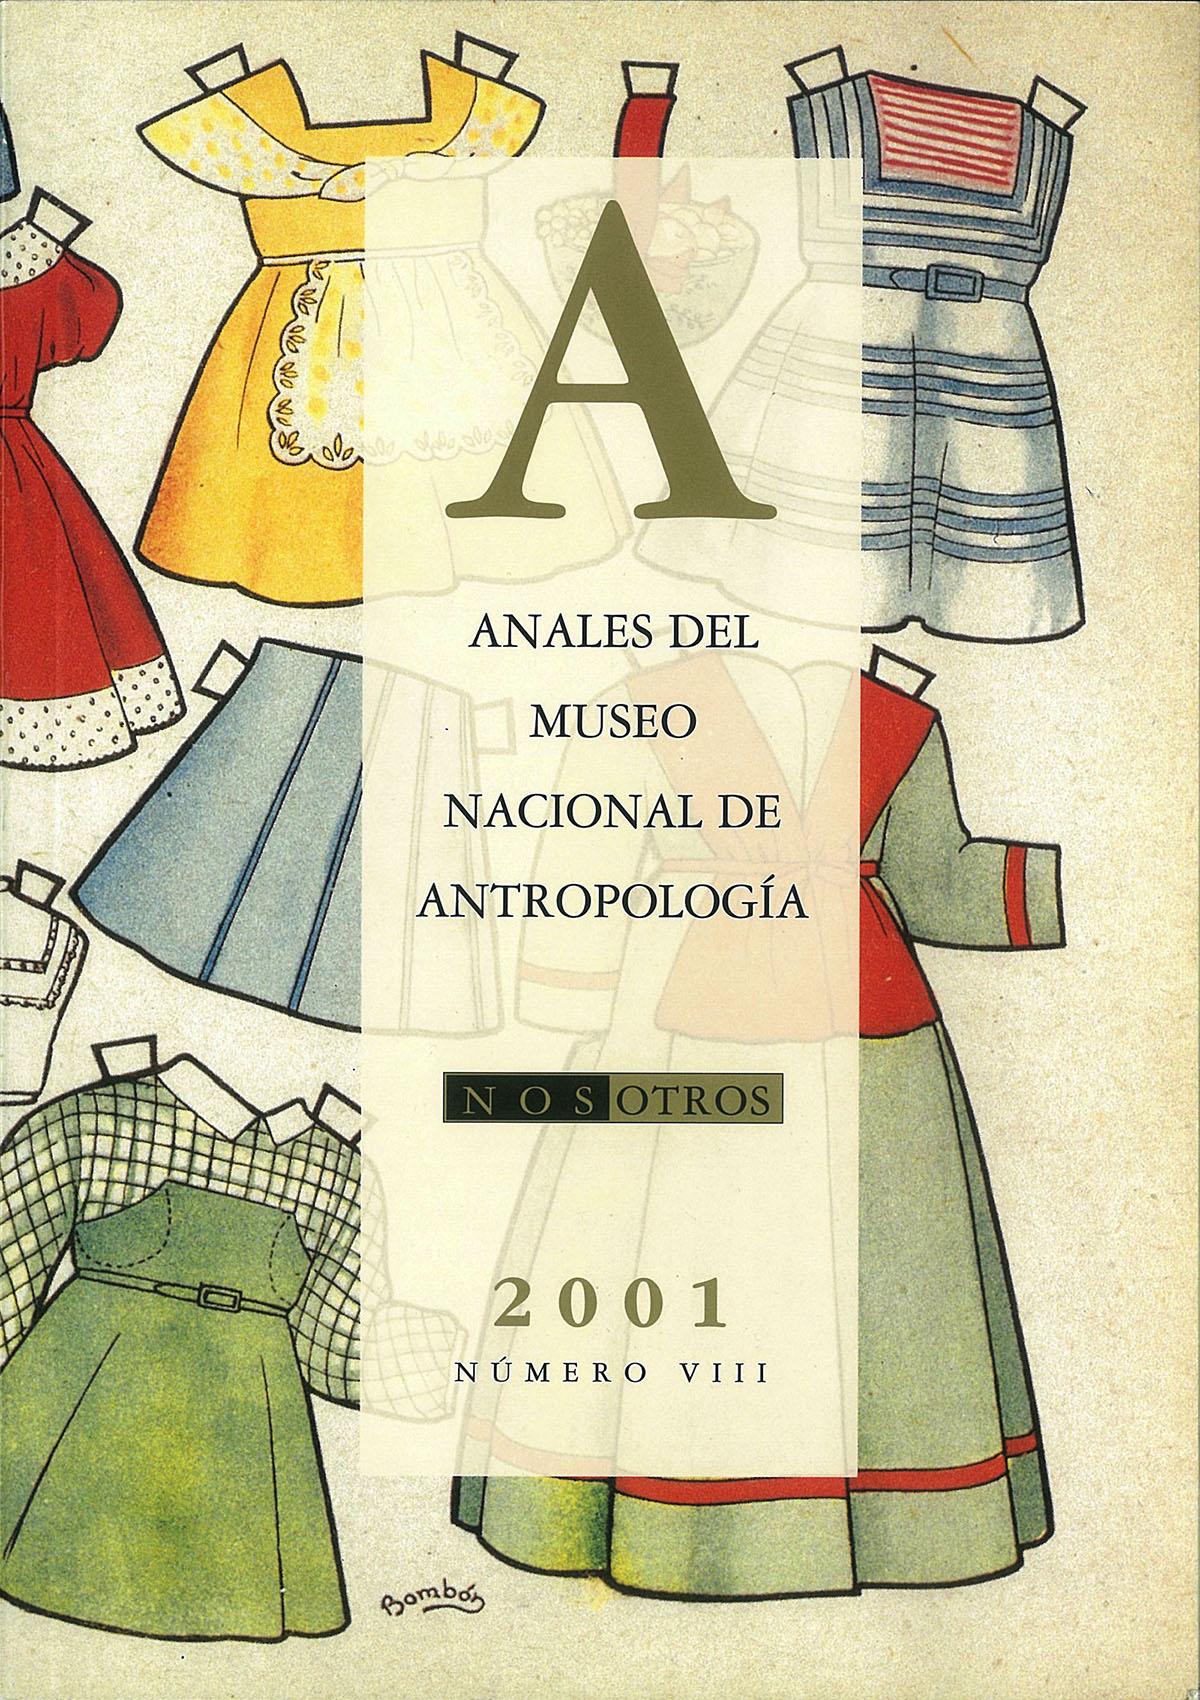 Anales del museo nal de Antropología